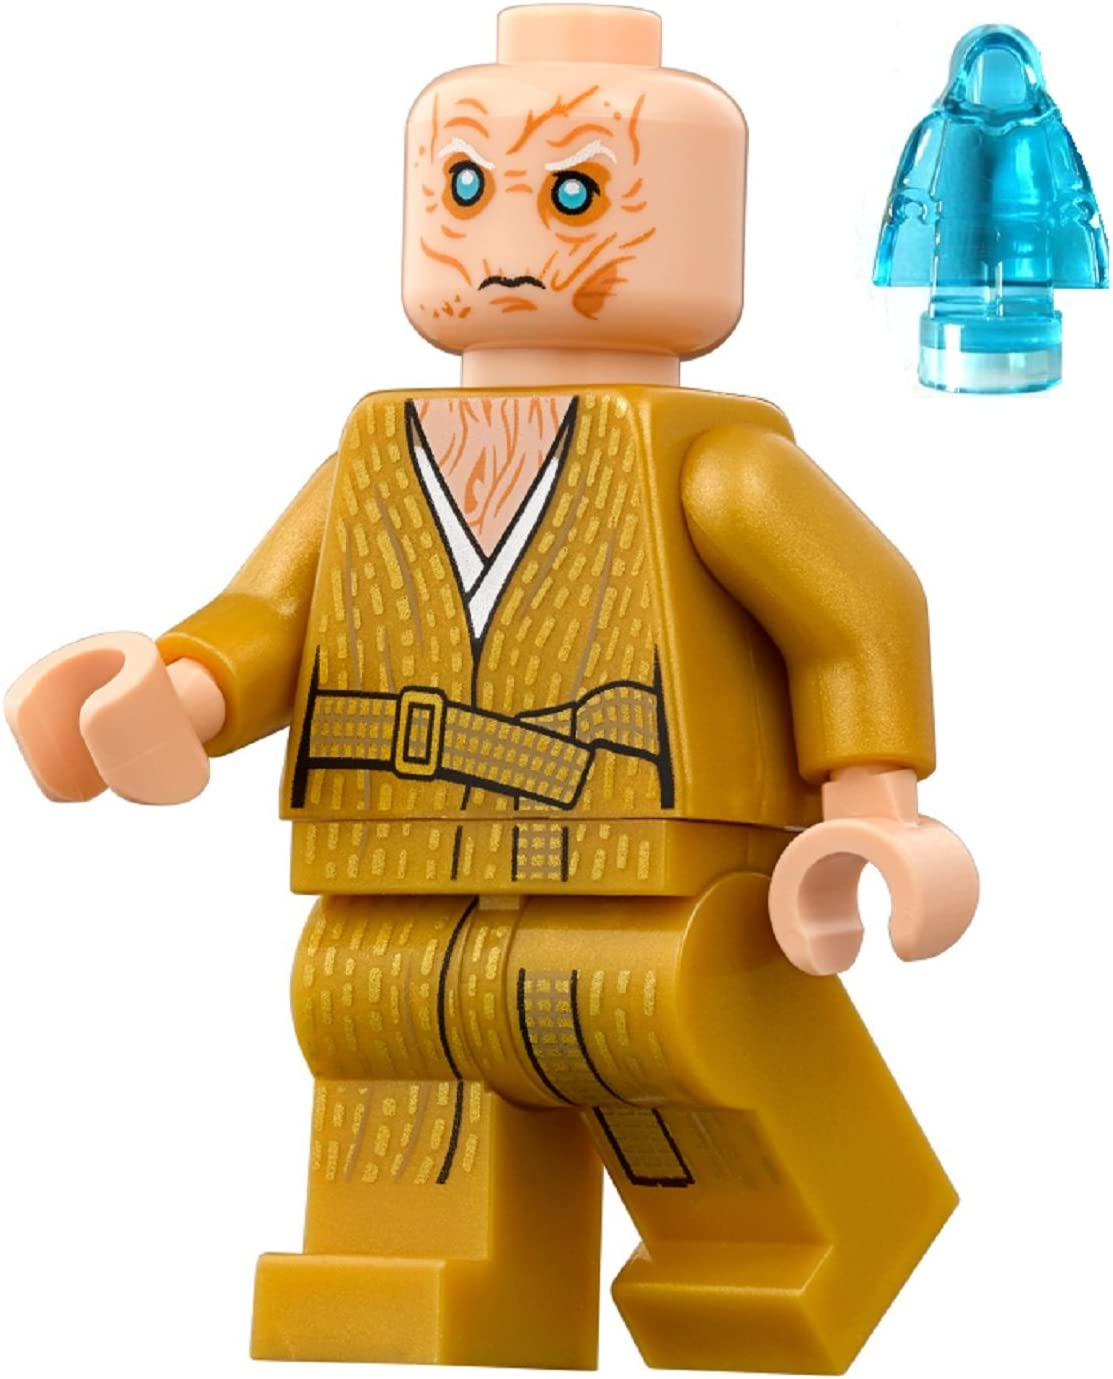 LEGO Star Wars - Supreme Leader Snoke with Palpatine Hologram